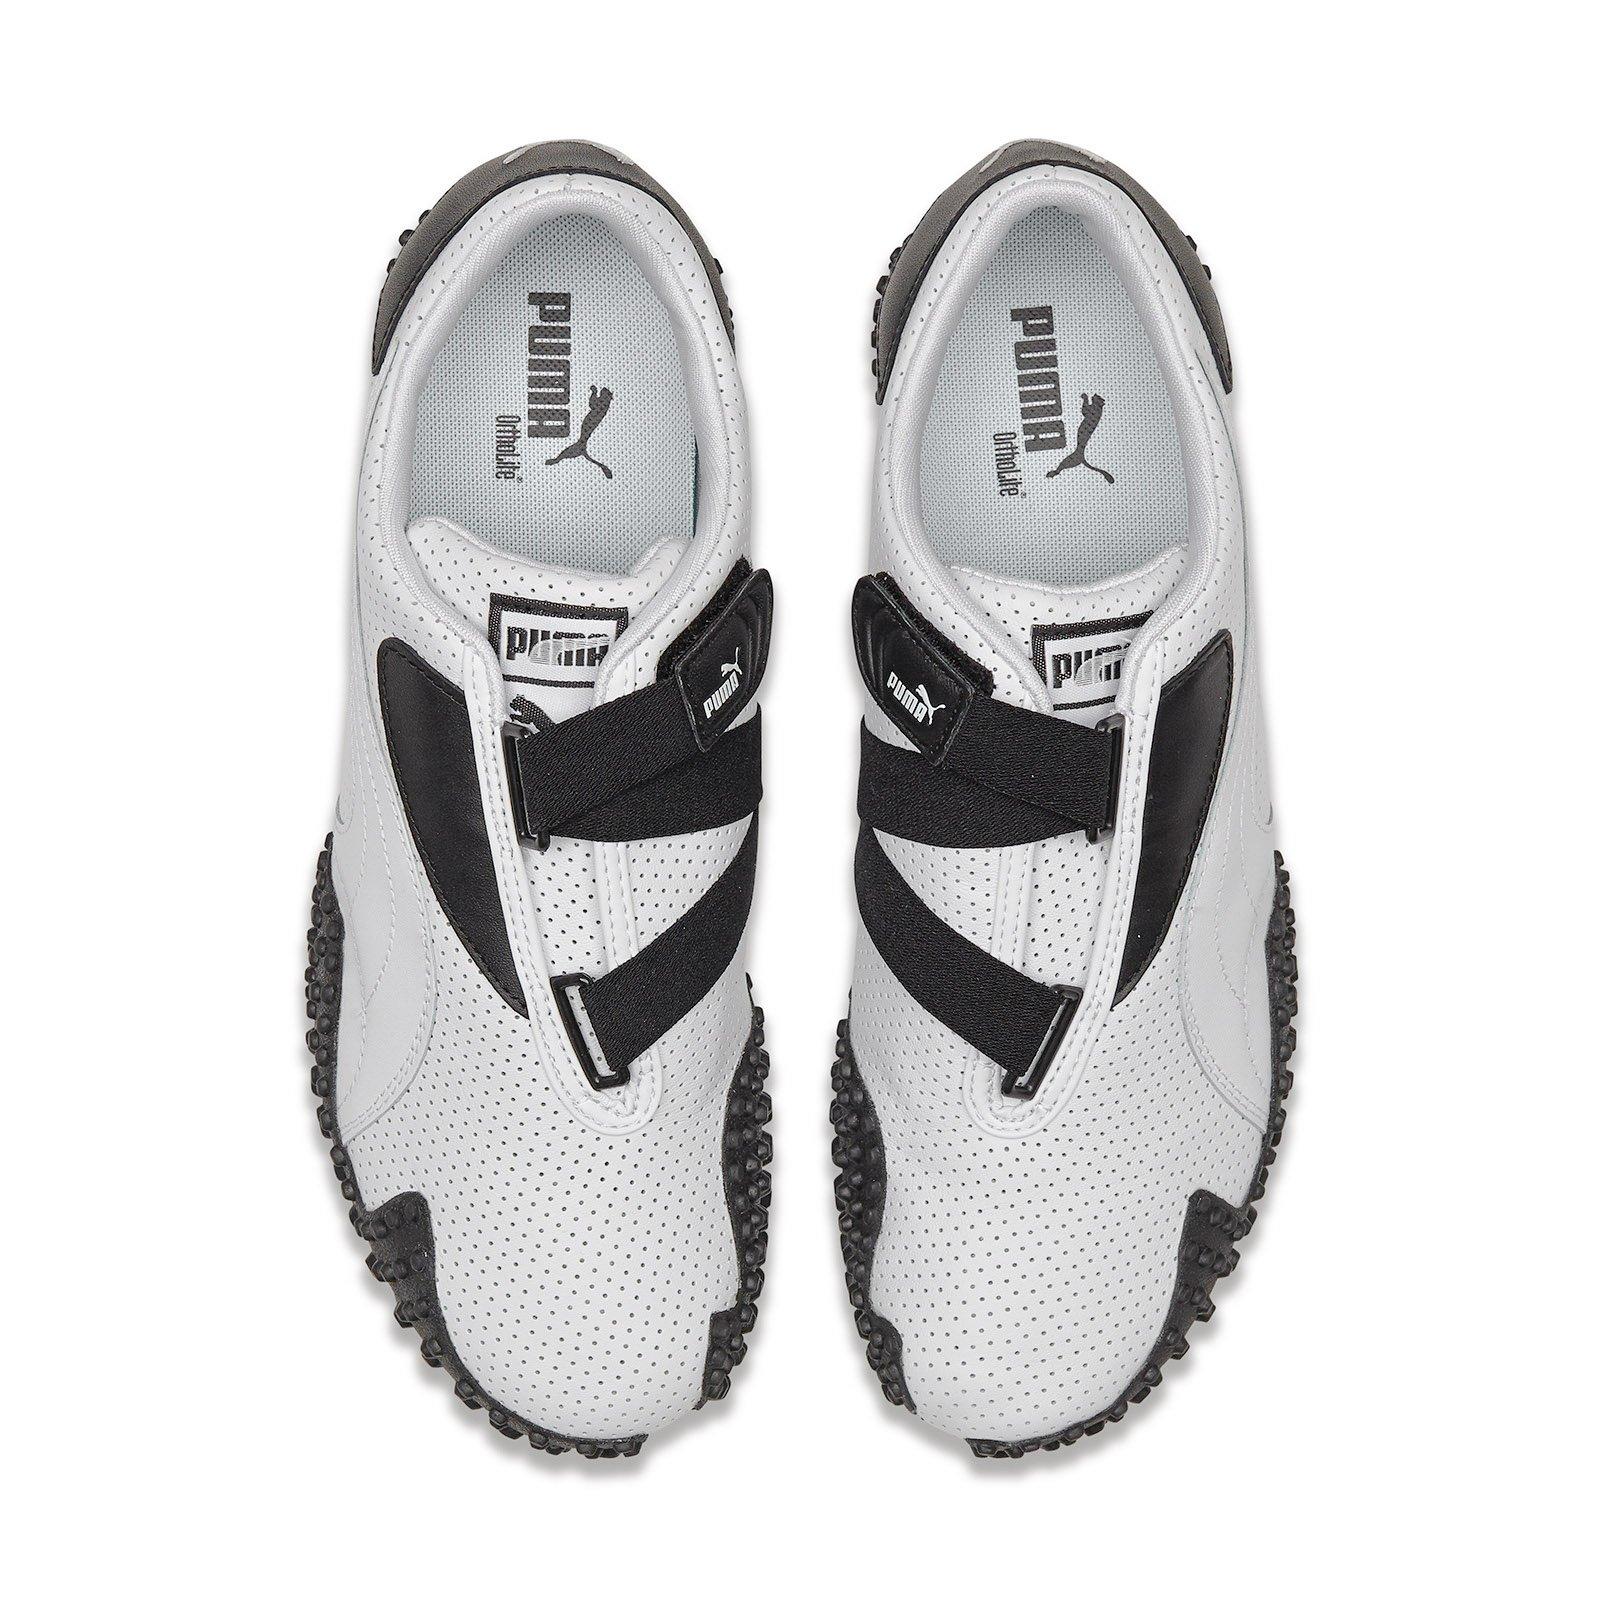 puma mostro shoes XPLKCHB